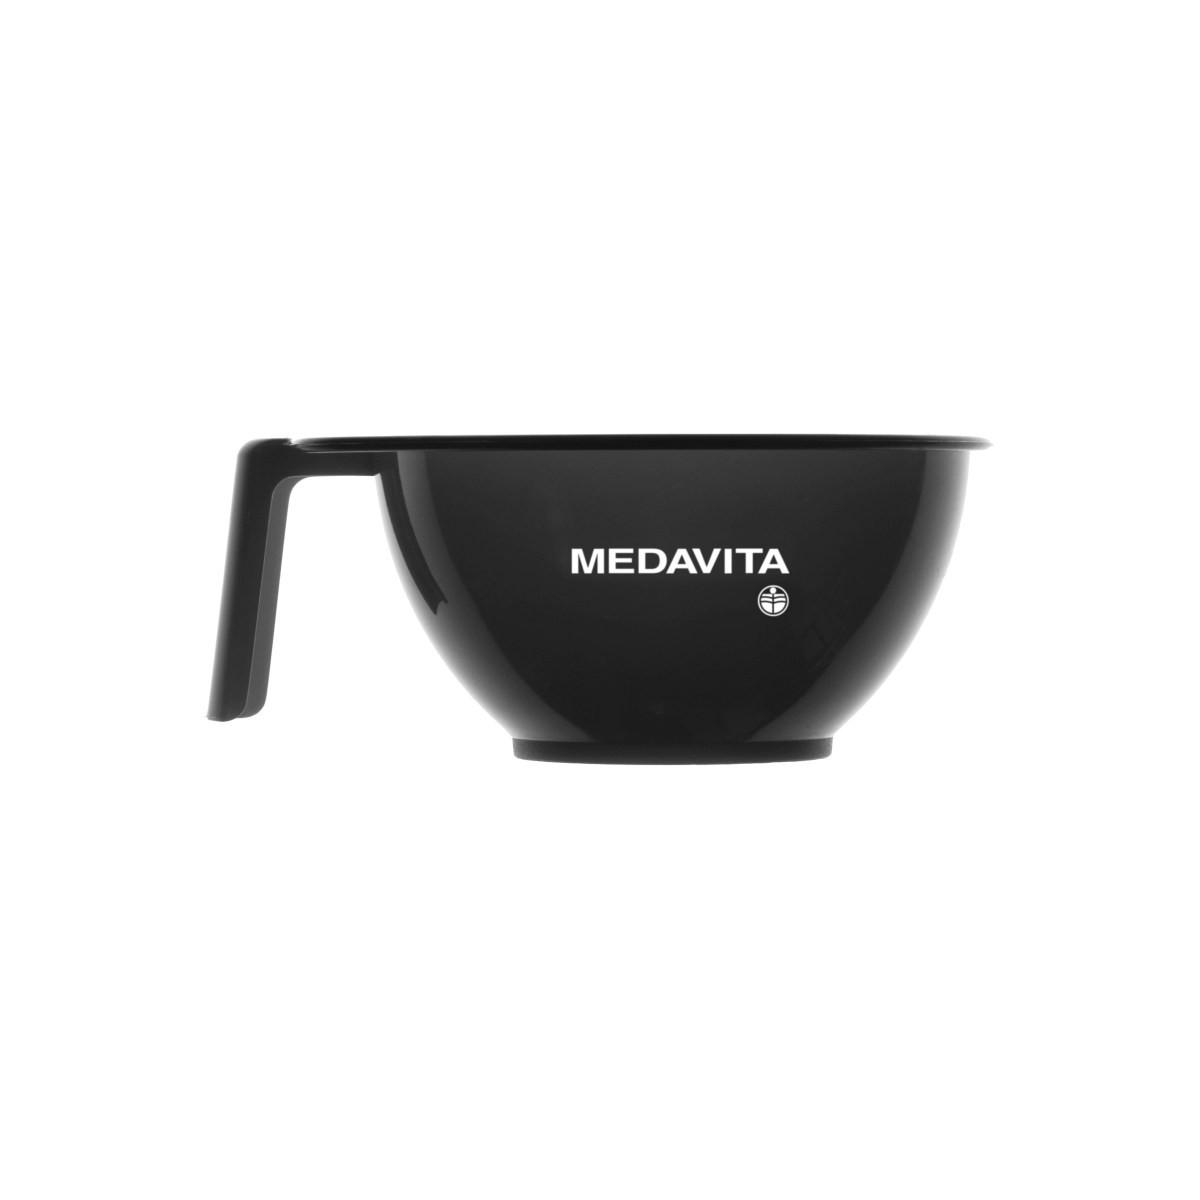 MEDAVITA Miseczka do koloryzacji plastikowa / Miseczka do farbowania włosów